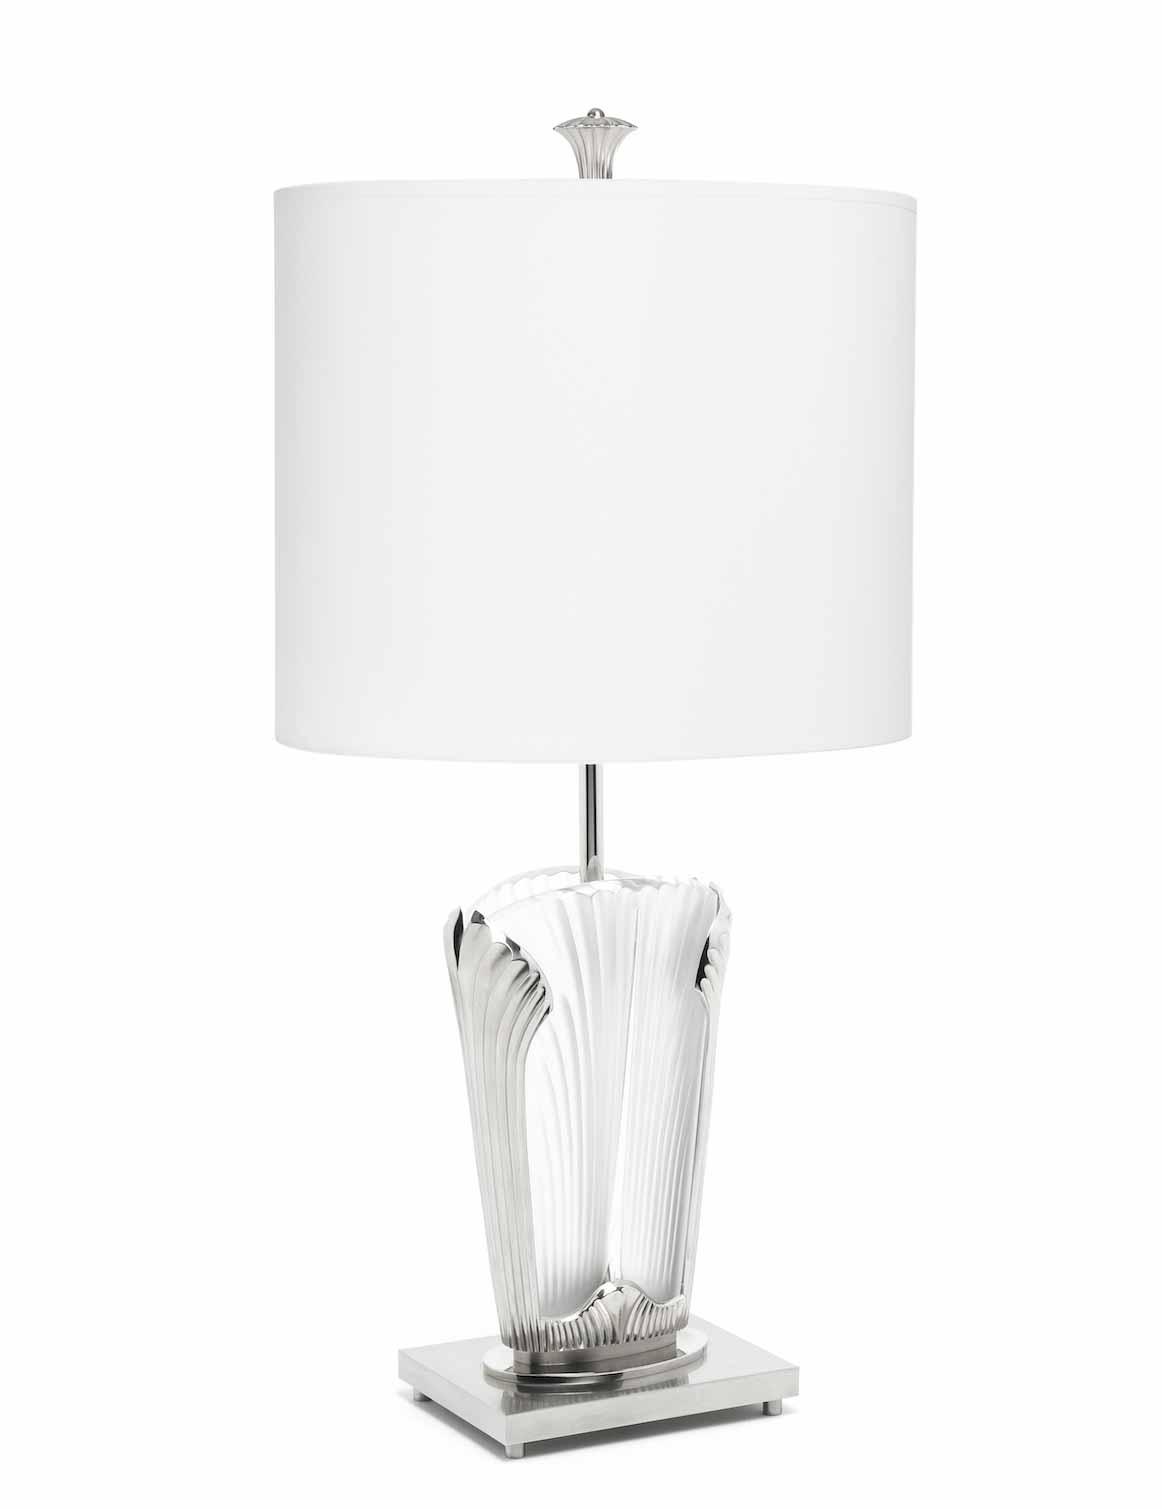 Lampes & lampadaires - 13774